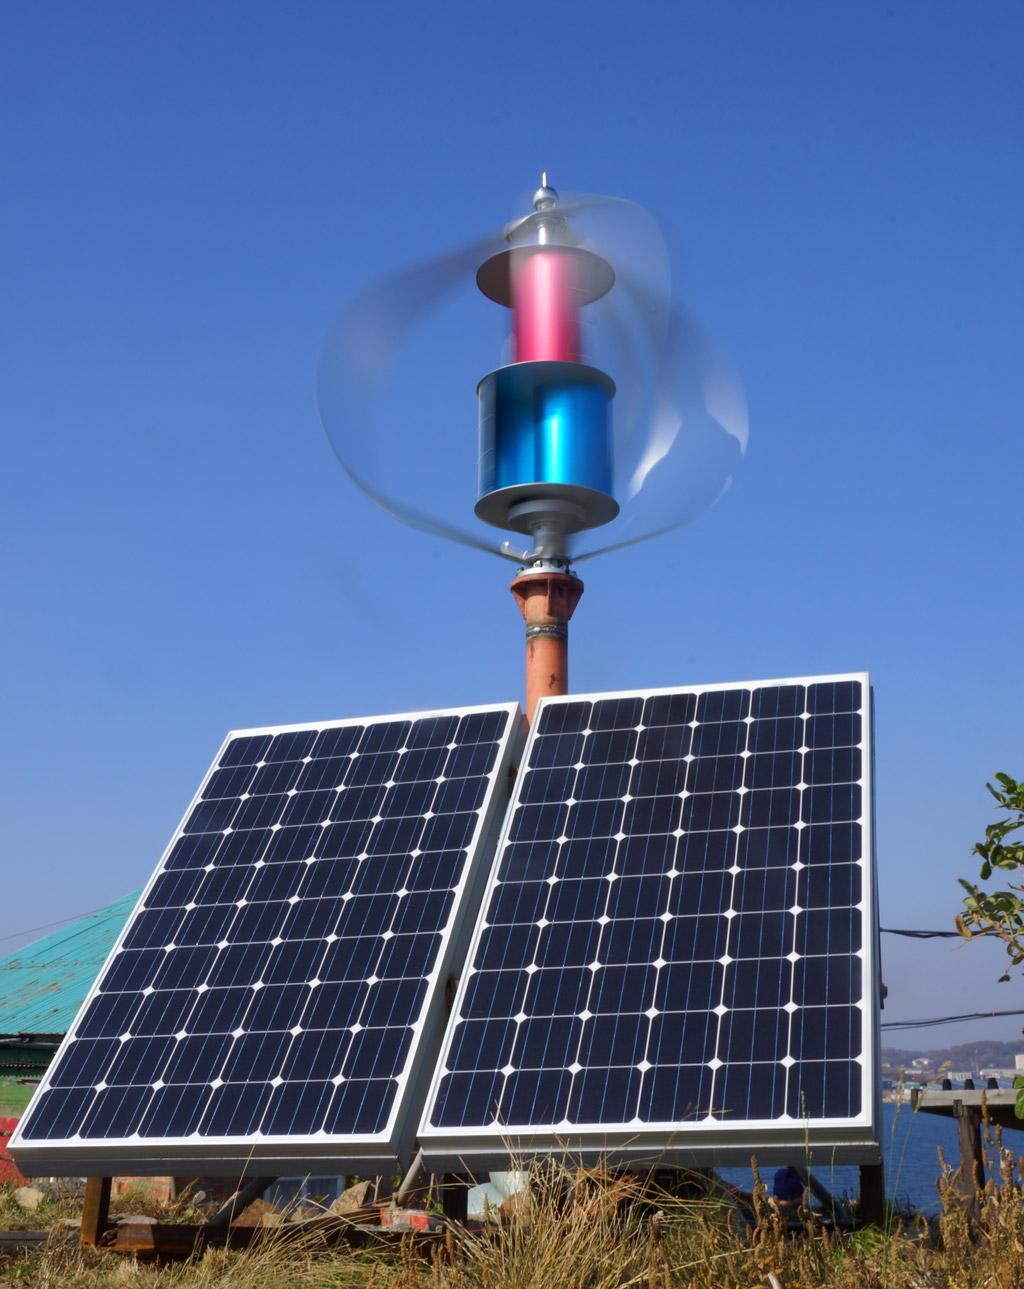 Как узаконить установку ветряков и солнечных установок в Украине?